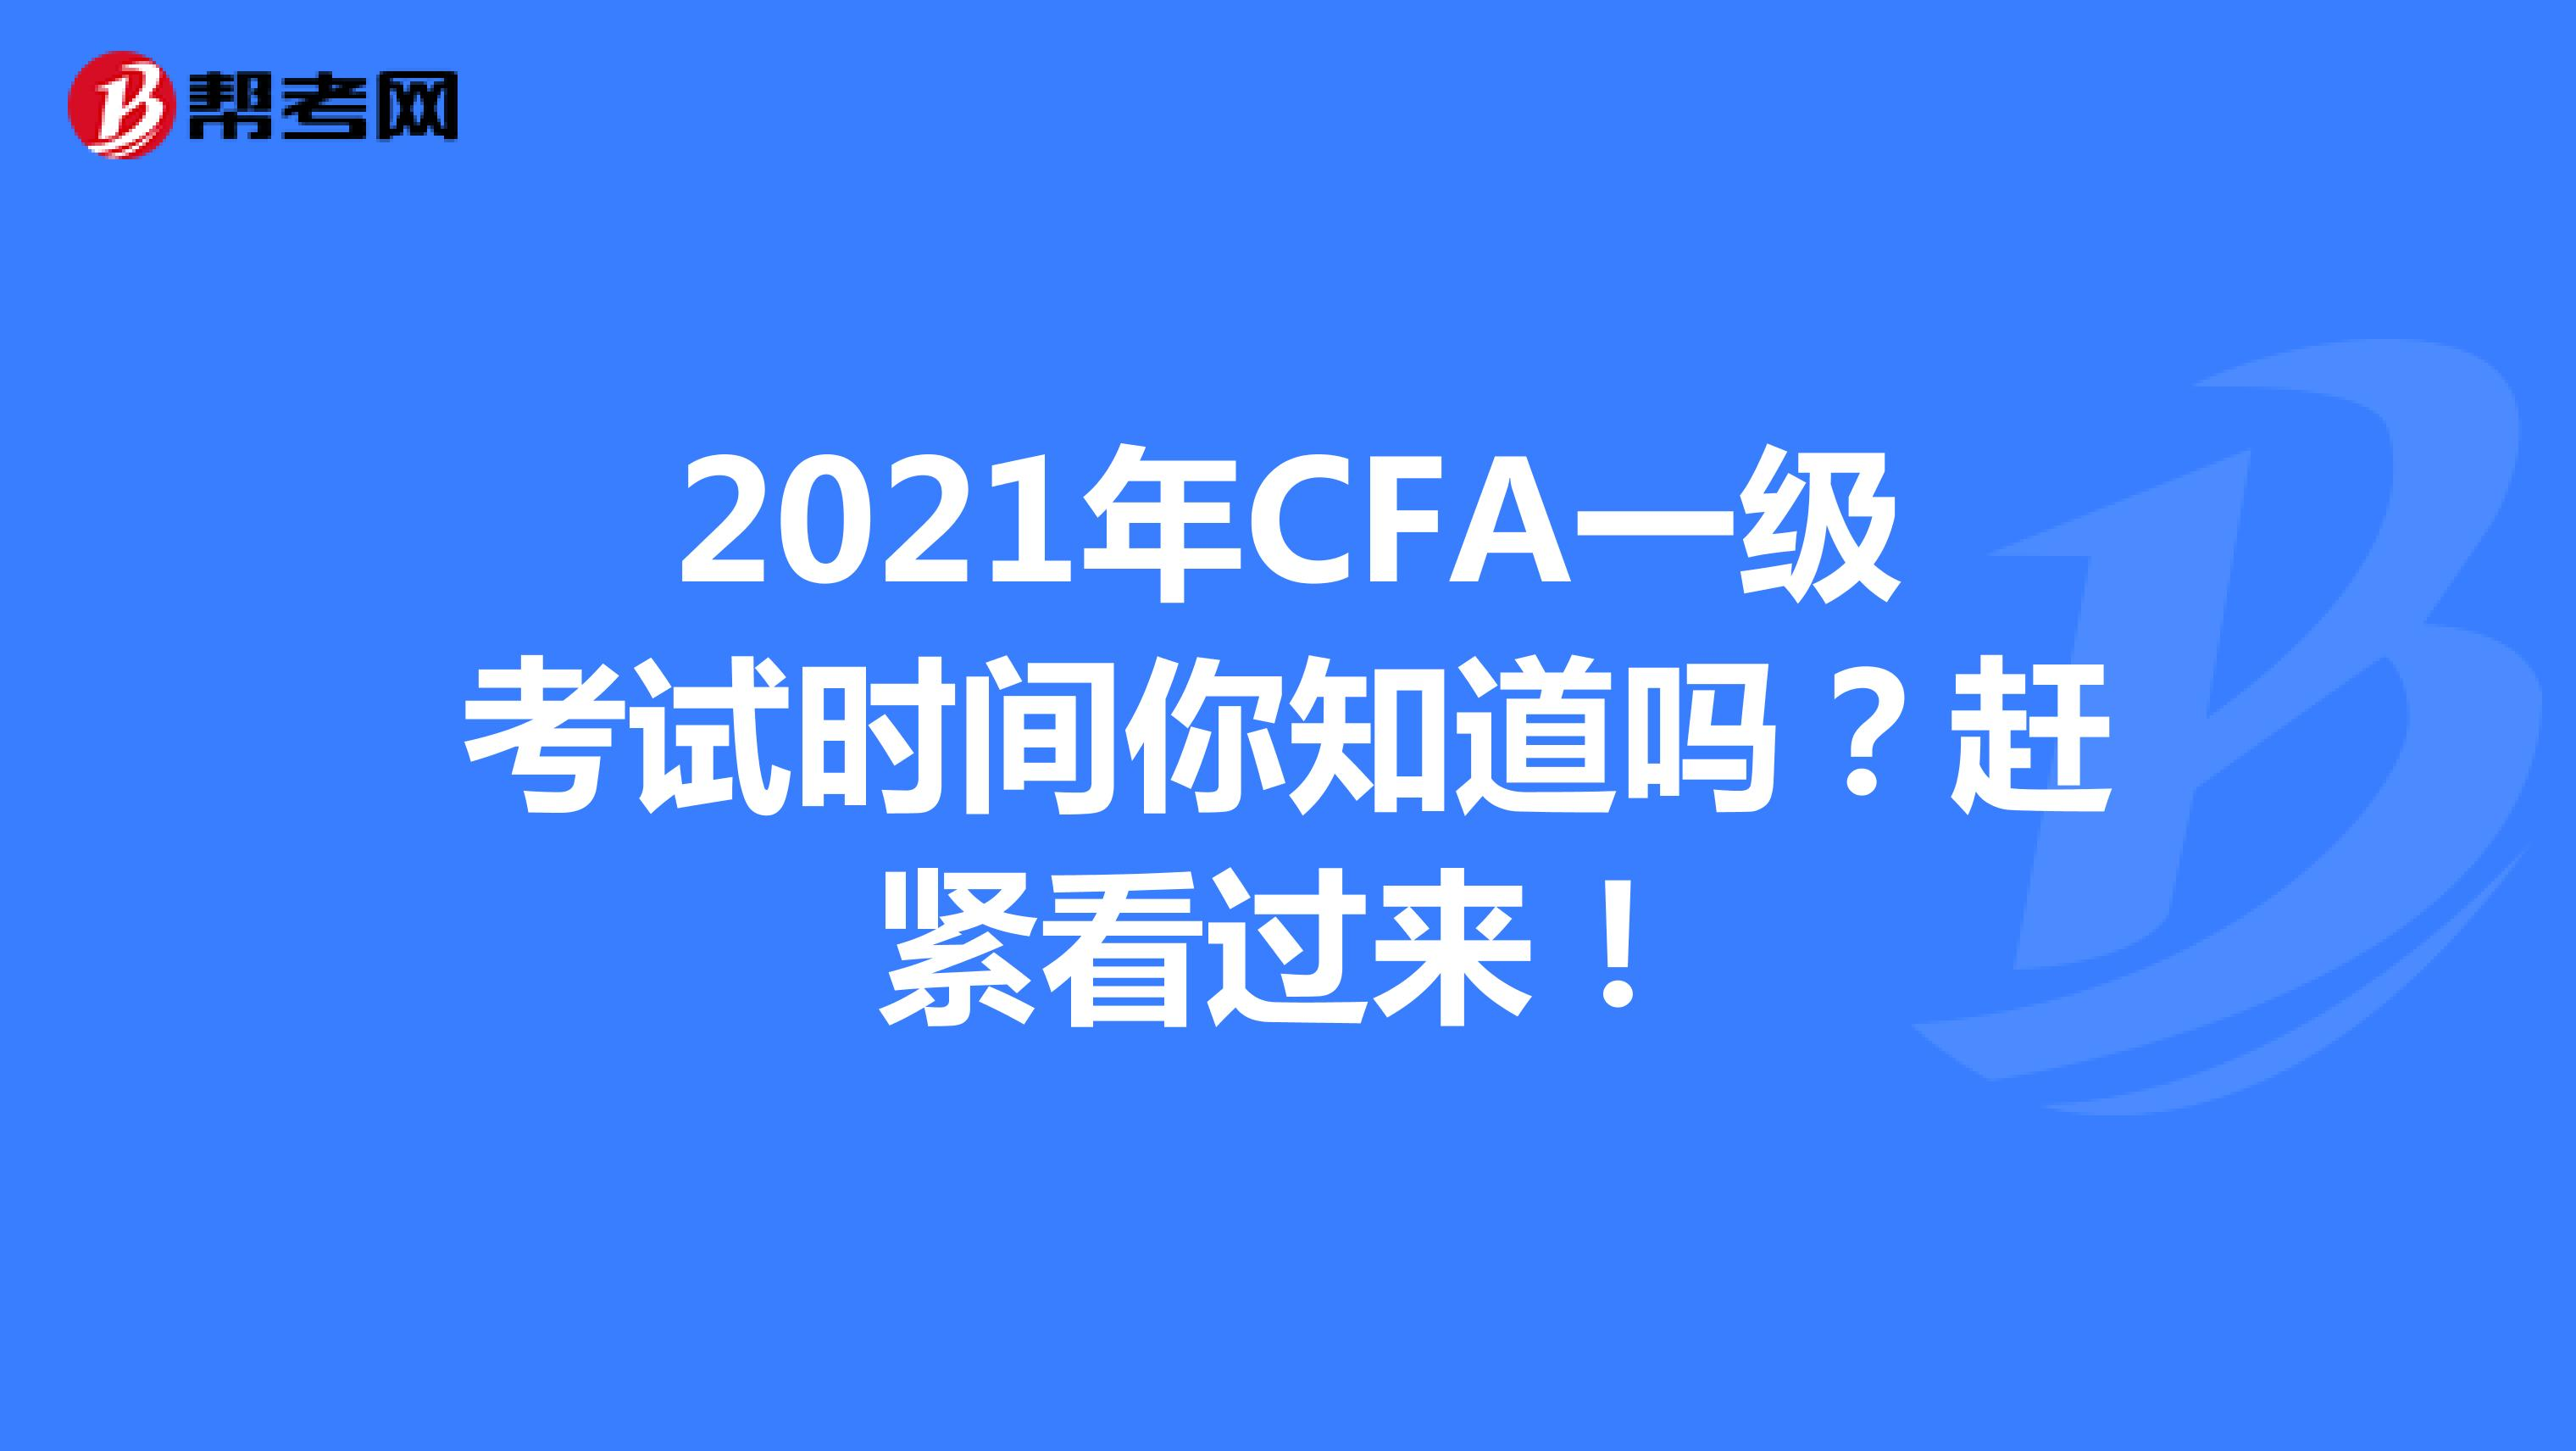 2021年CFA一級考試時間你知道嗎?趕緊看過來!